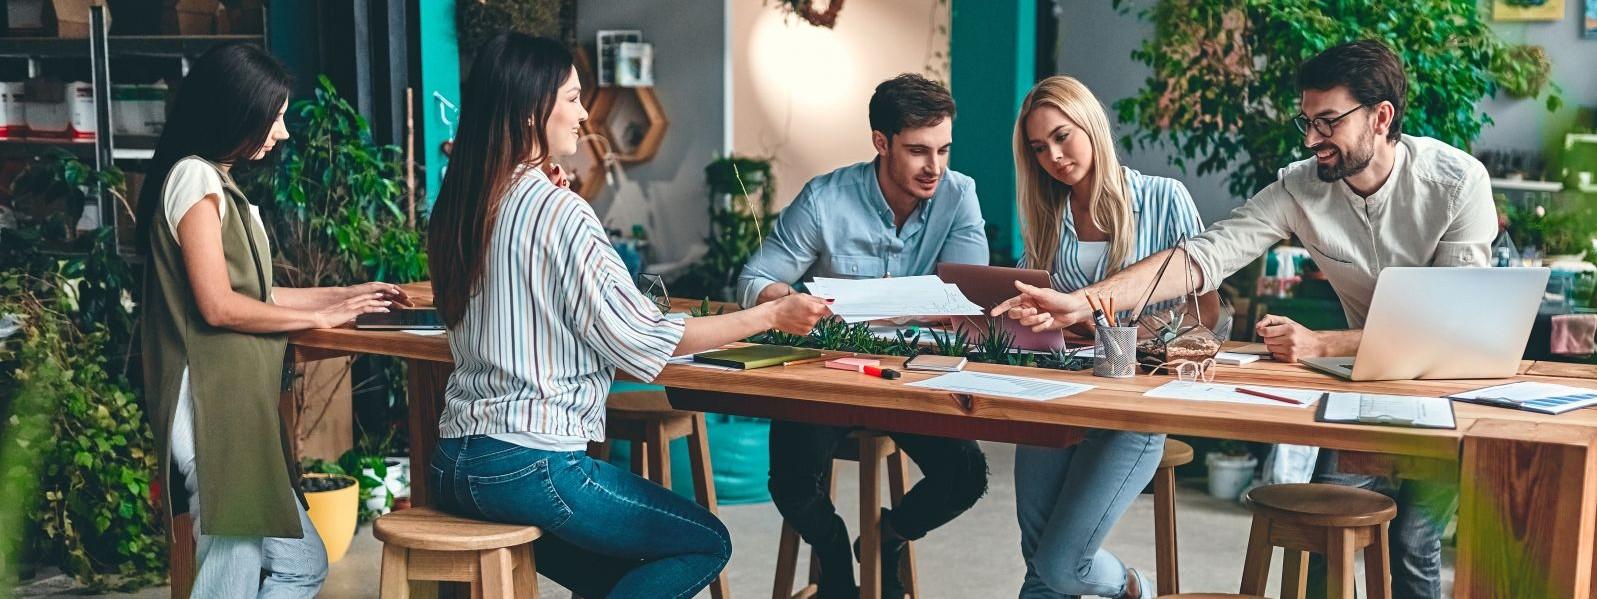 Eine Gruppe von etwa 30 jährigen Personen sitzt an einem großen Holztisch in einer grünen Firma. Alle diskutieren angeregt.